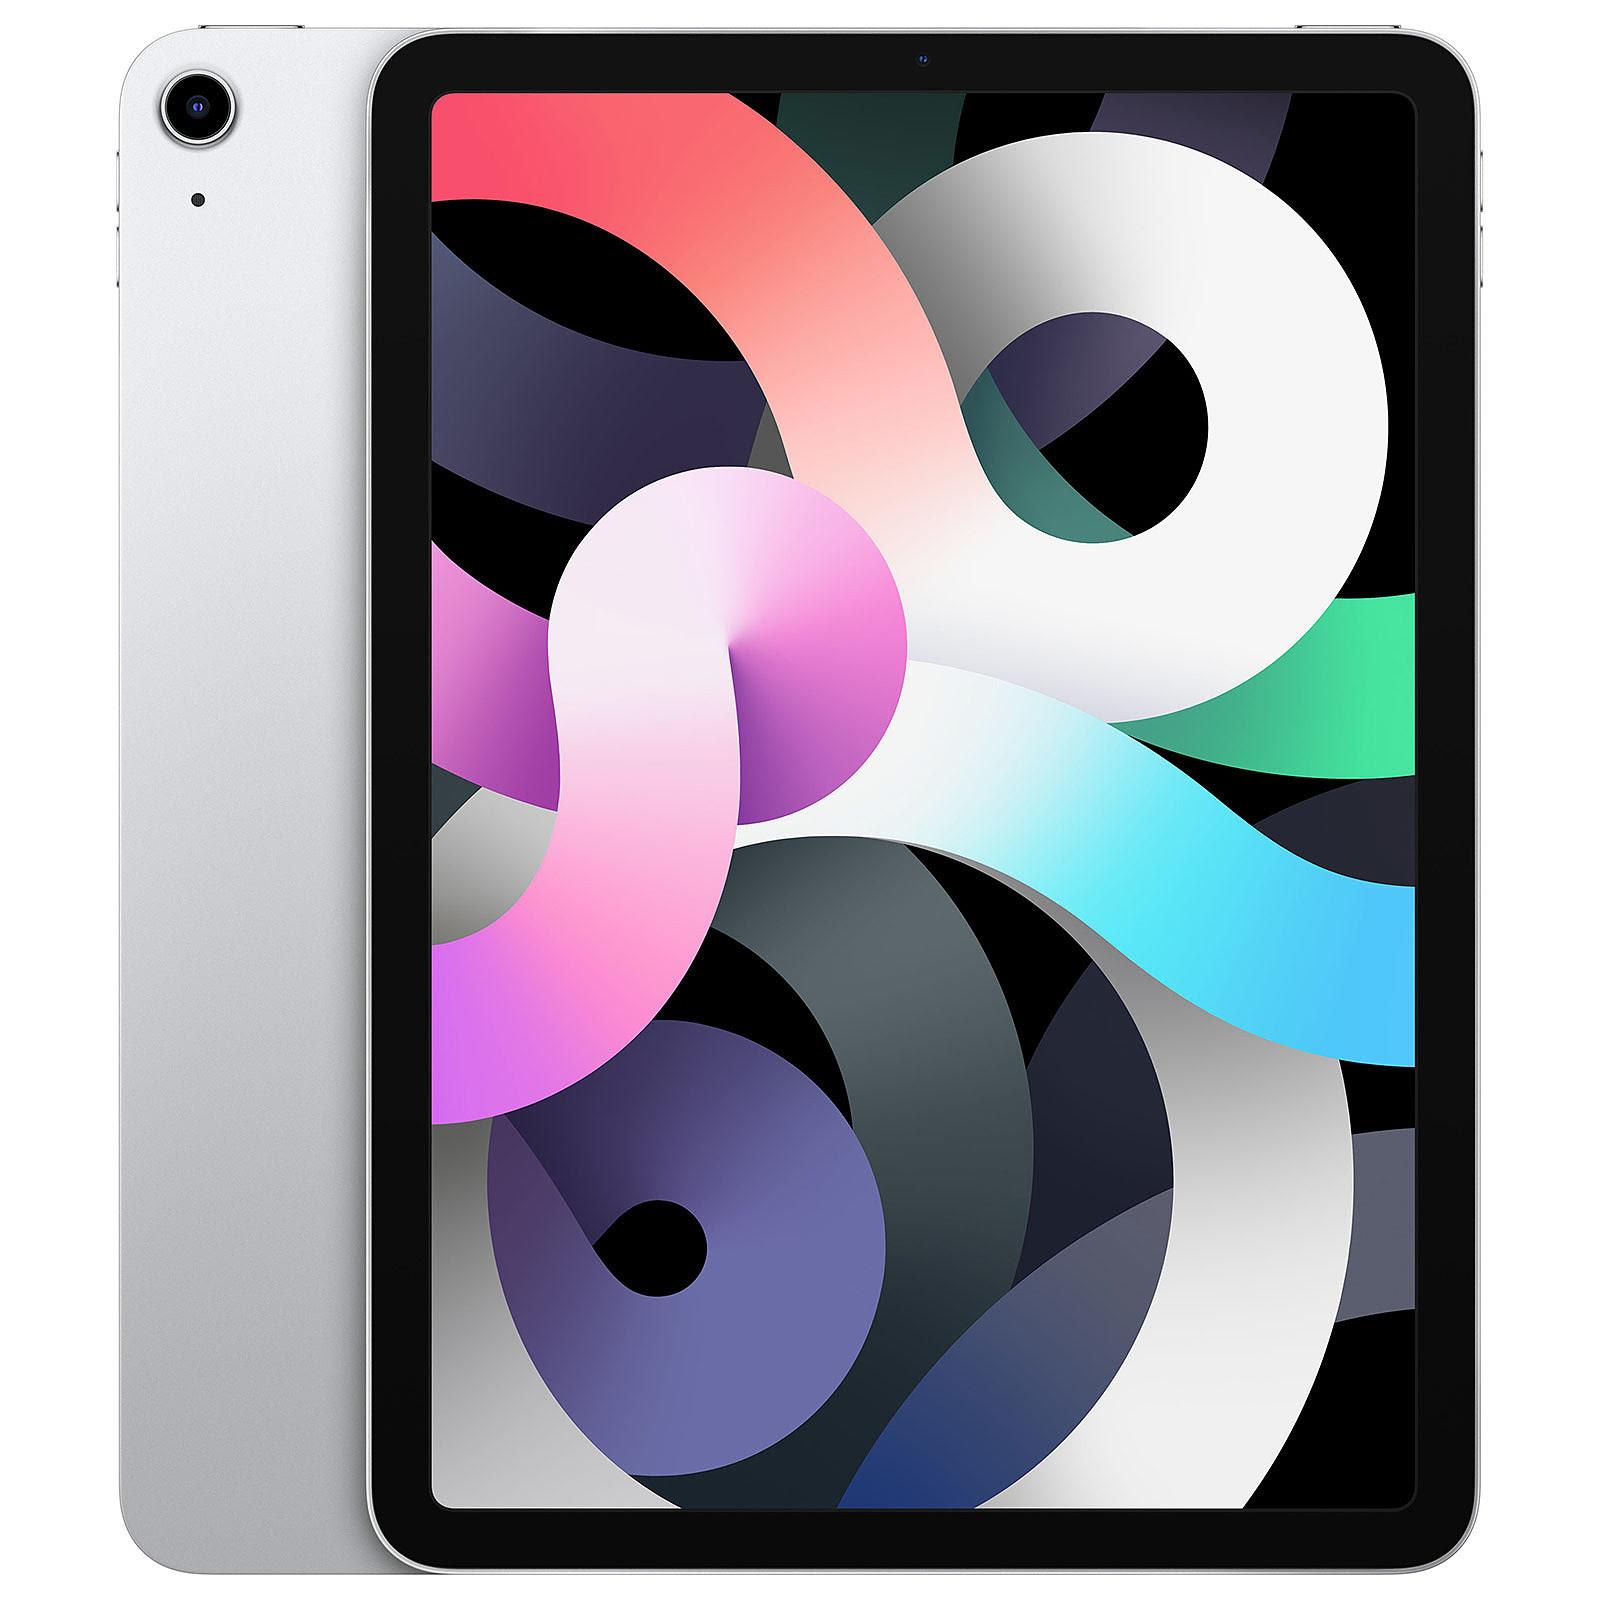 iPad Air 10.9 WiFi 64Go Argent - MYFN2NF/A